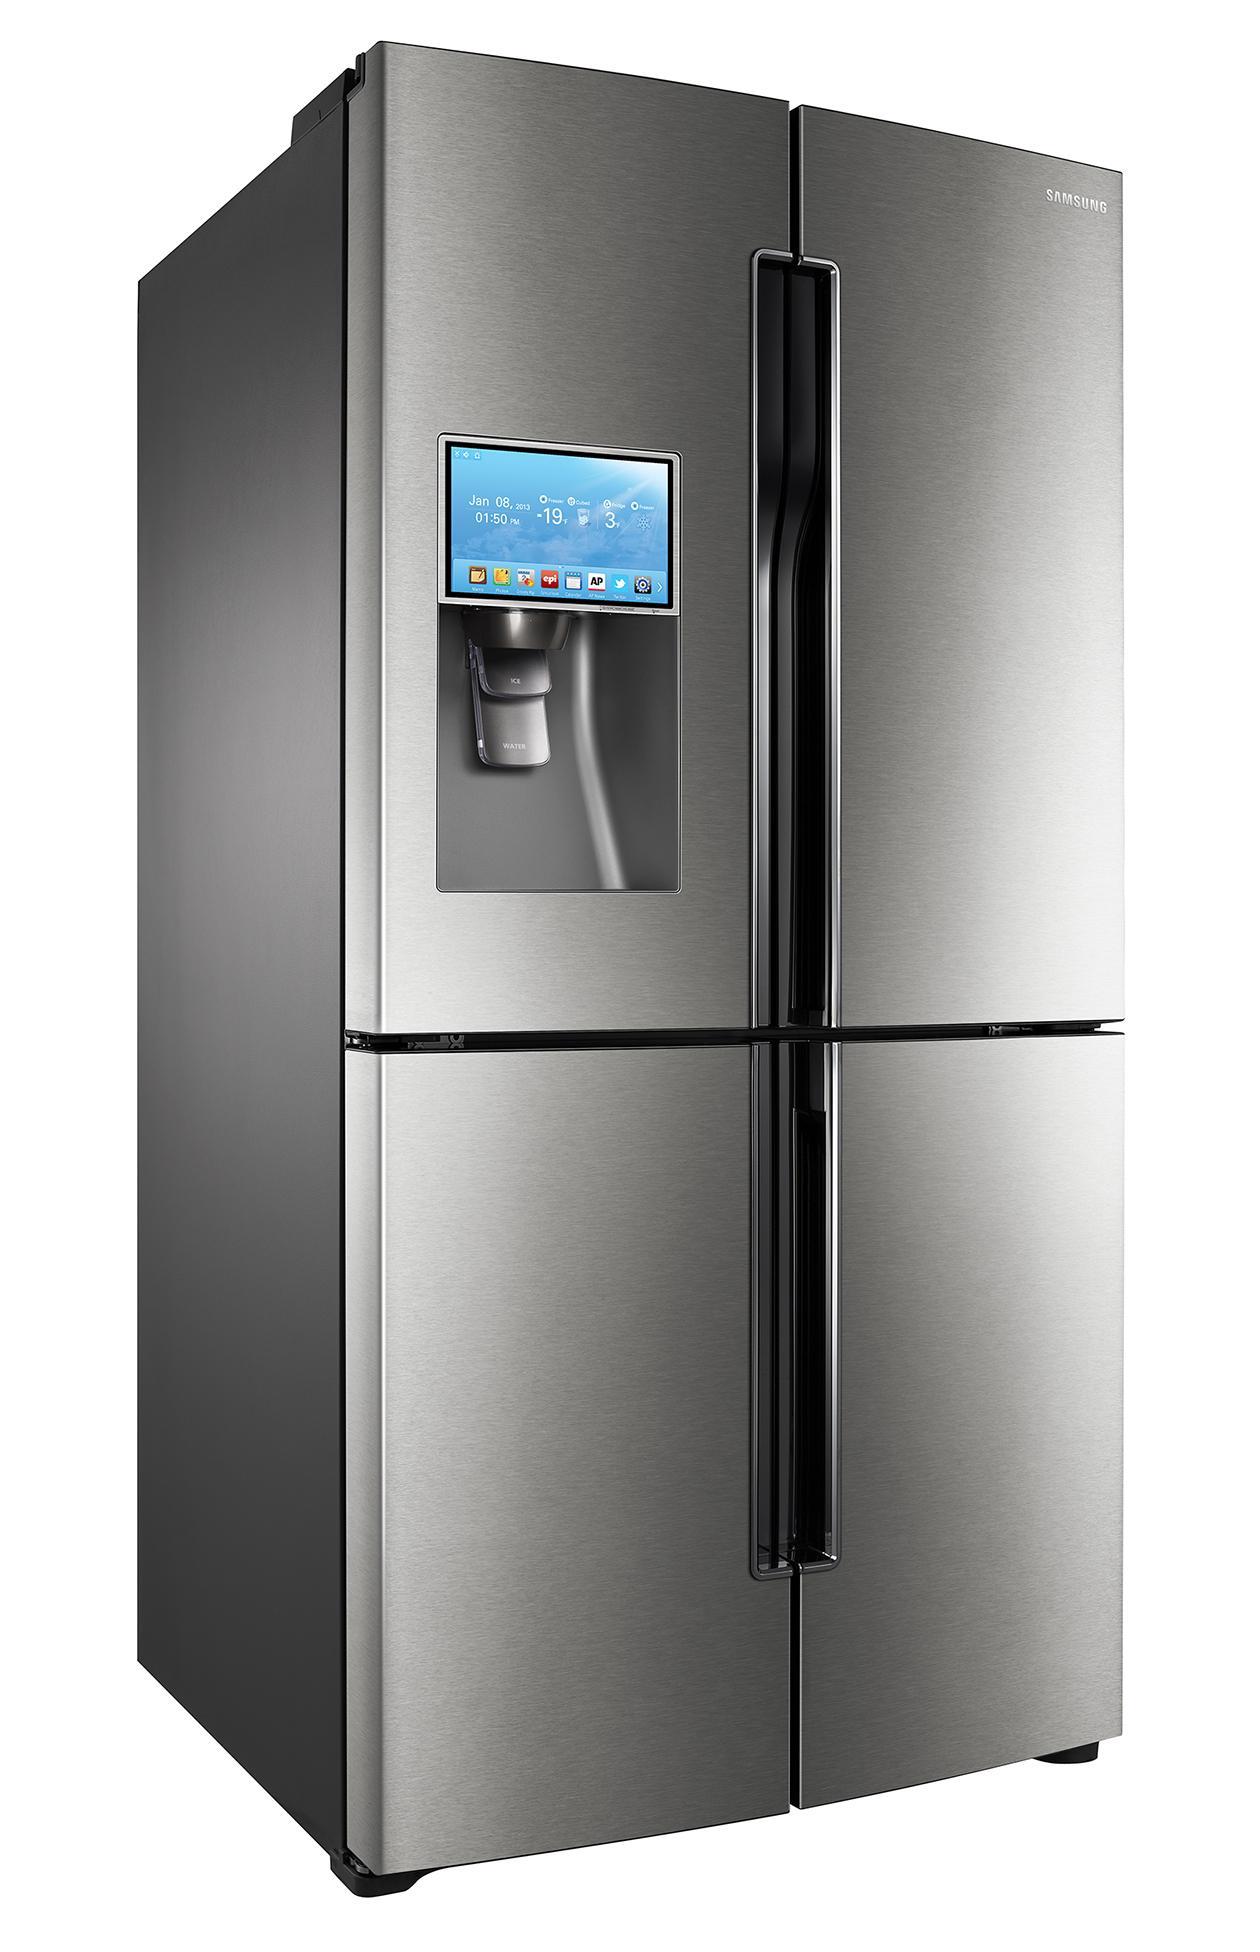 Uitvindingen door de eeuwen heen: de koelkast